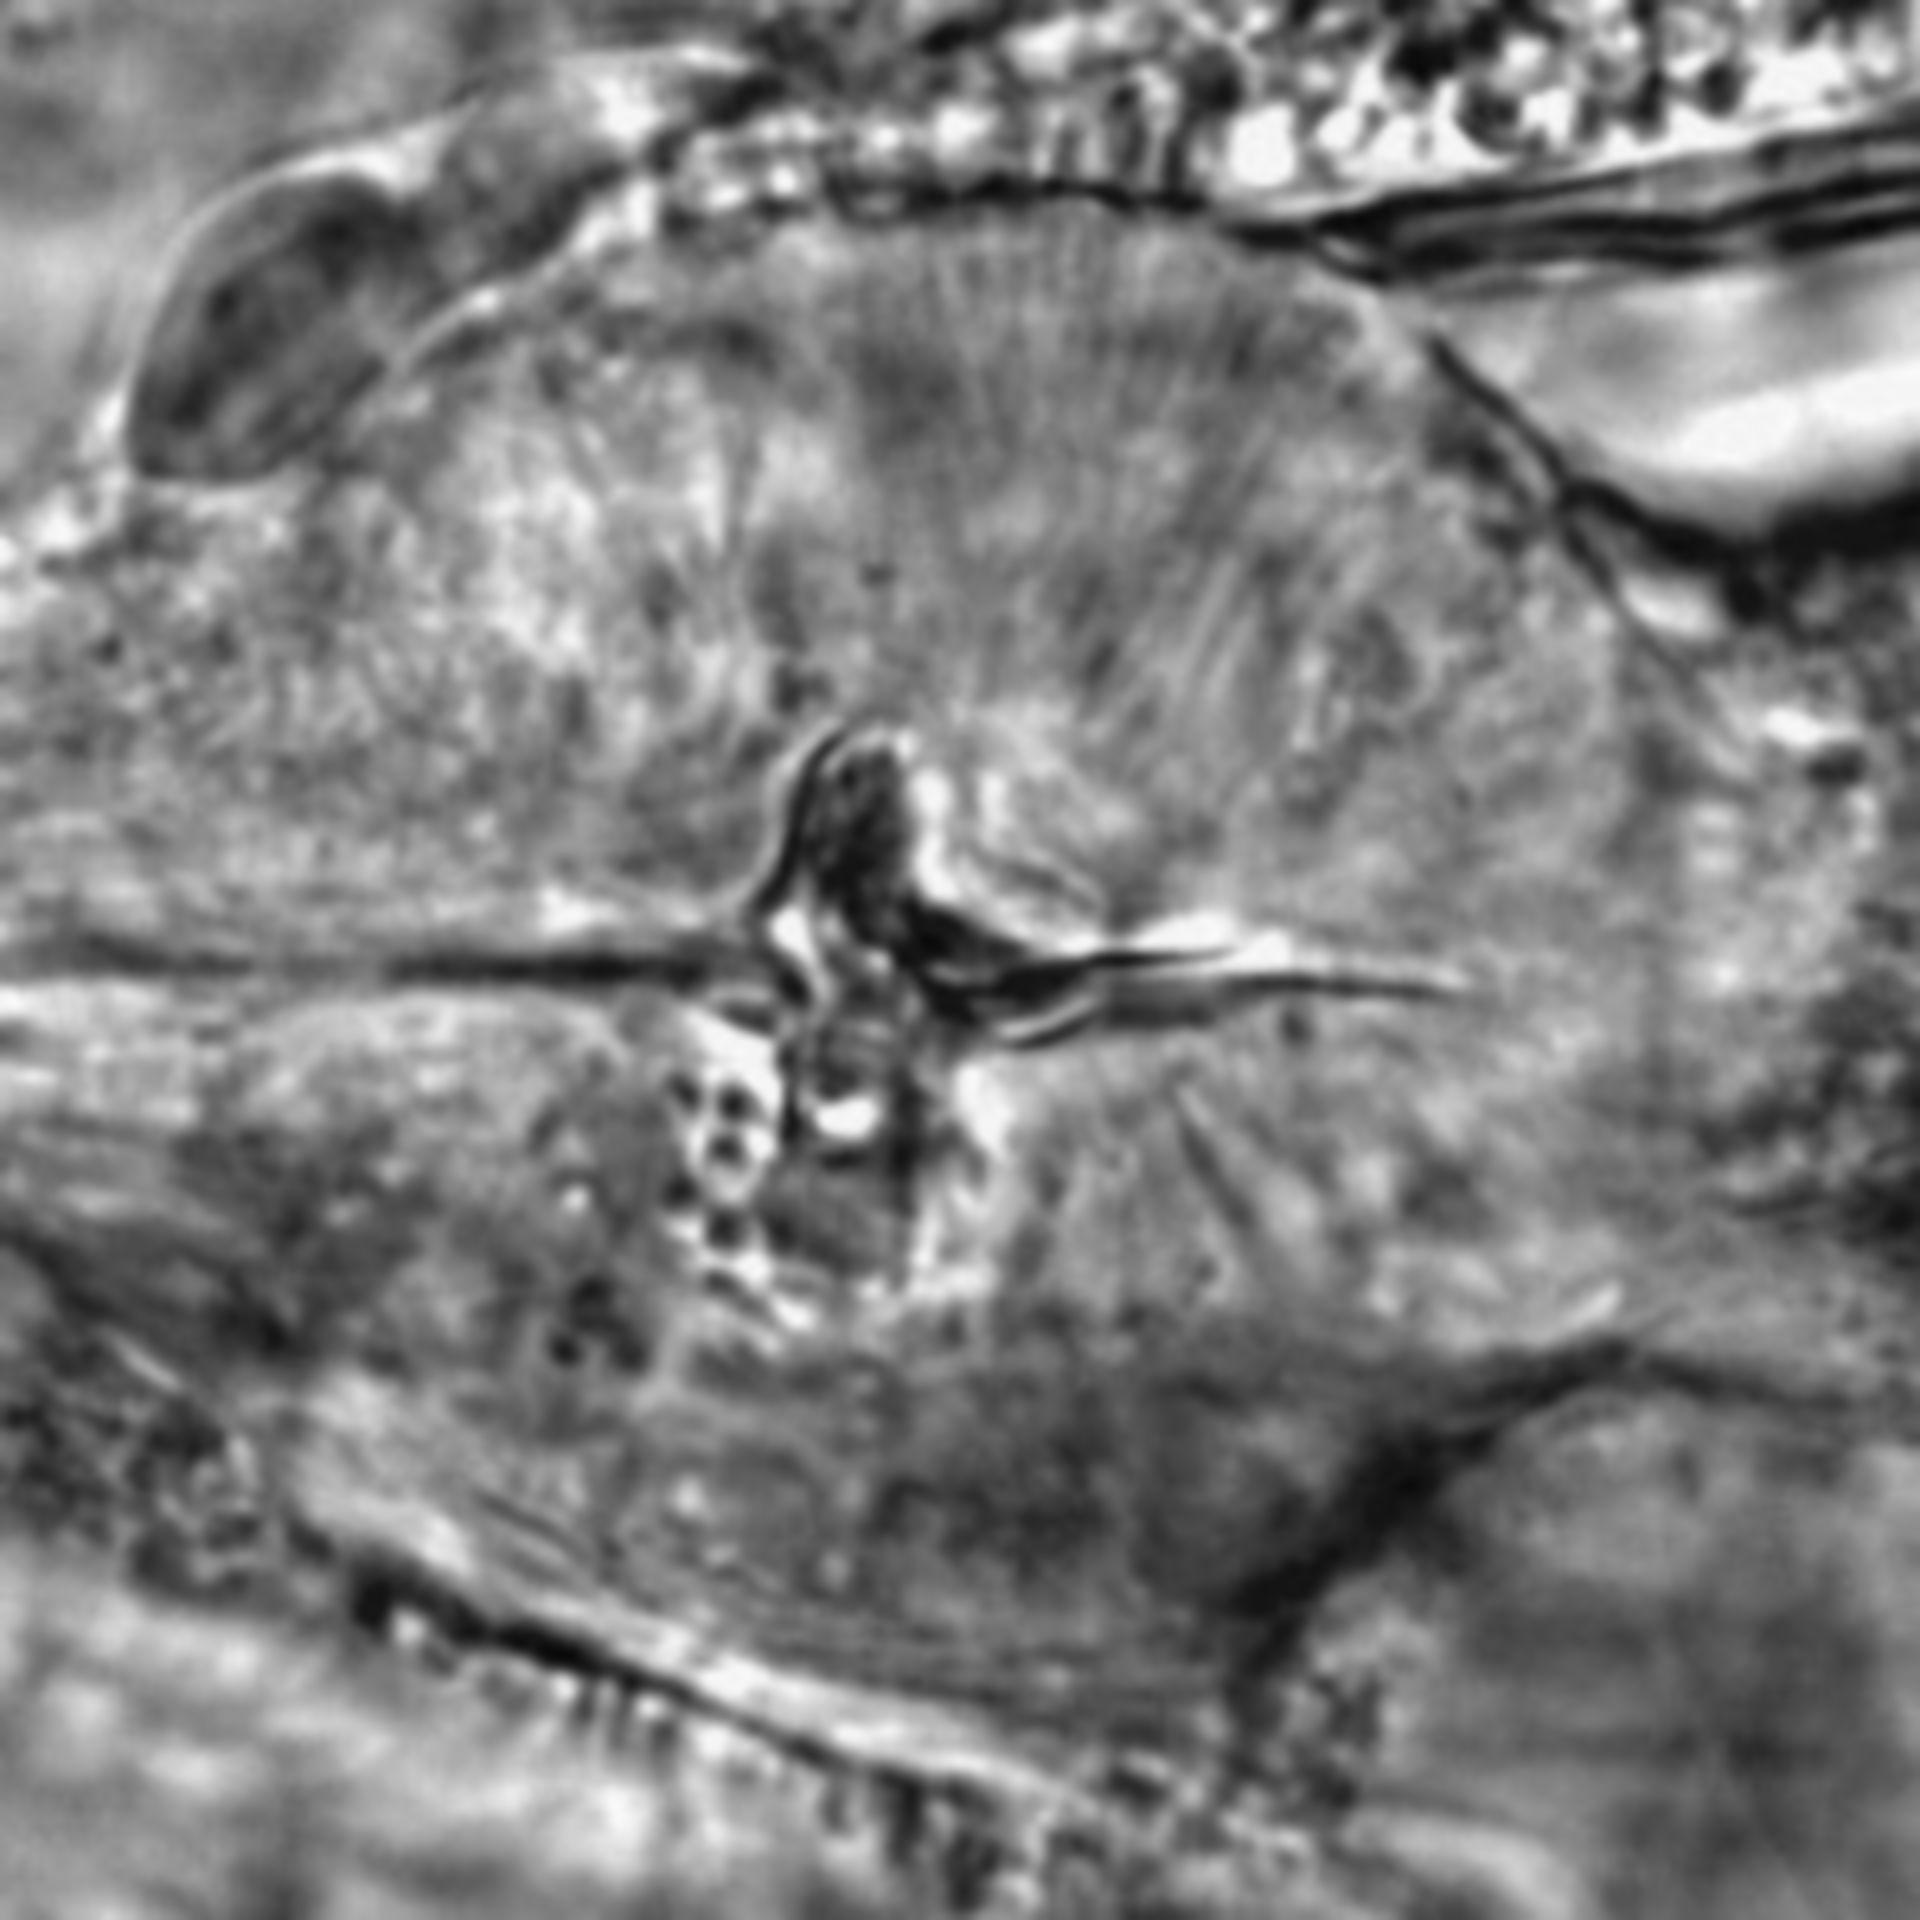 Caenorhabditis elegans - CIL:1939